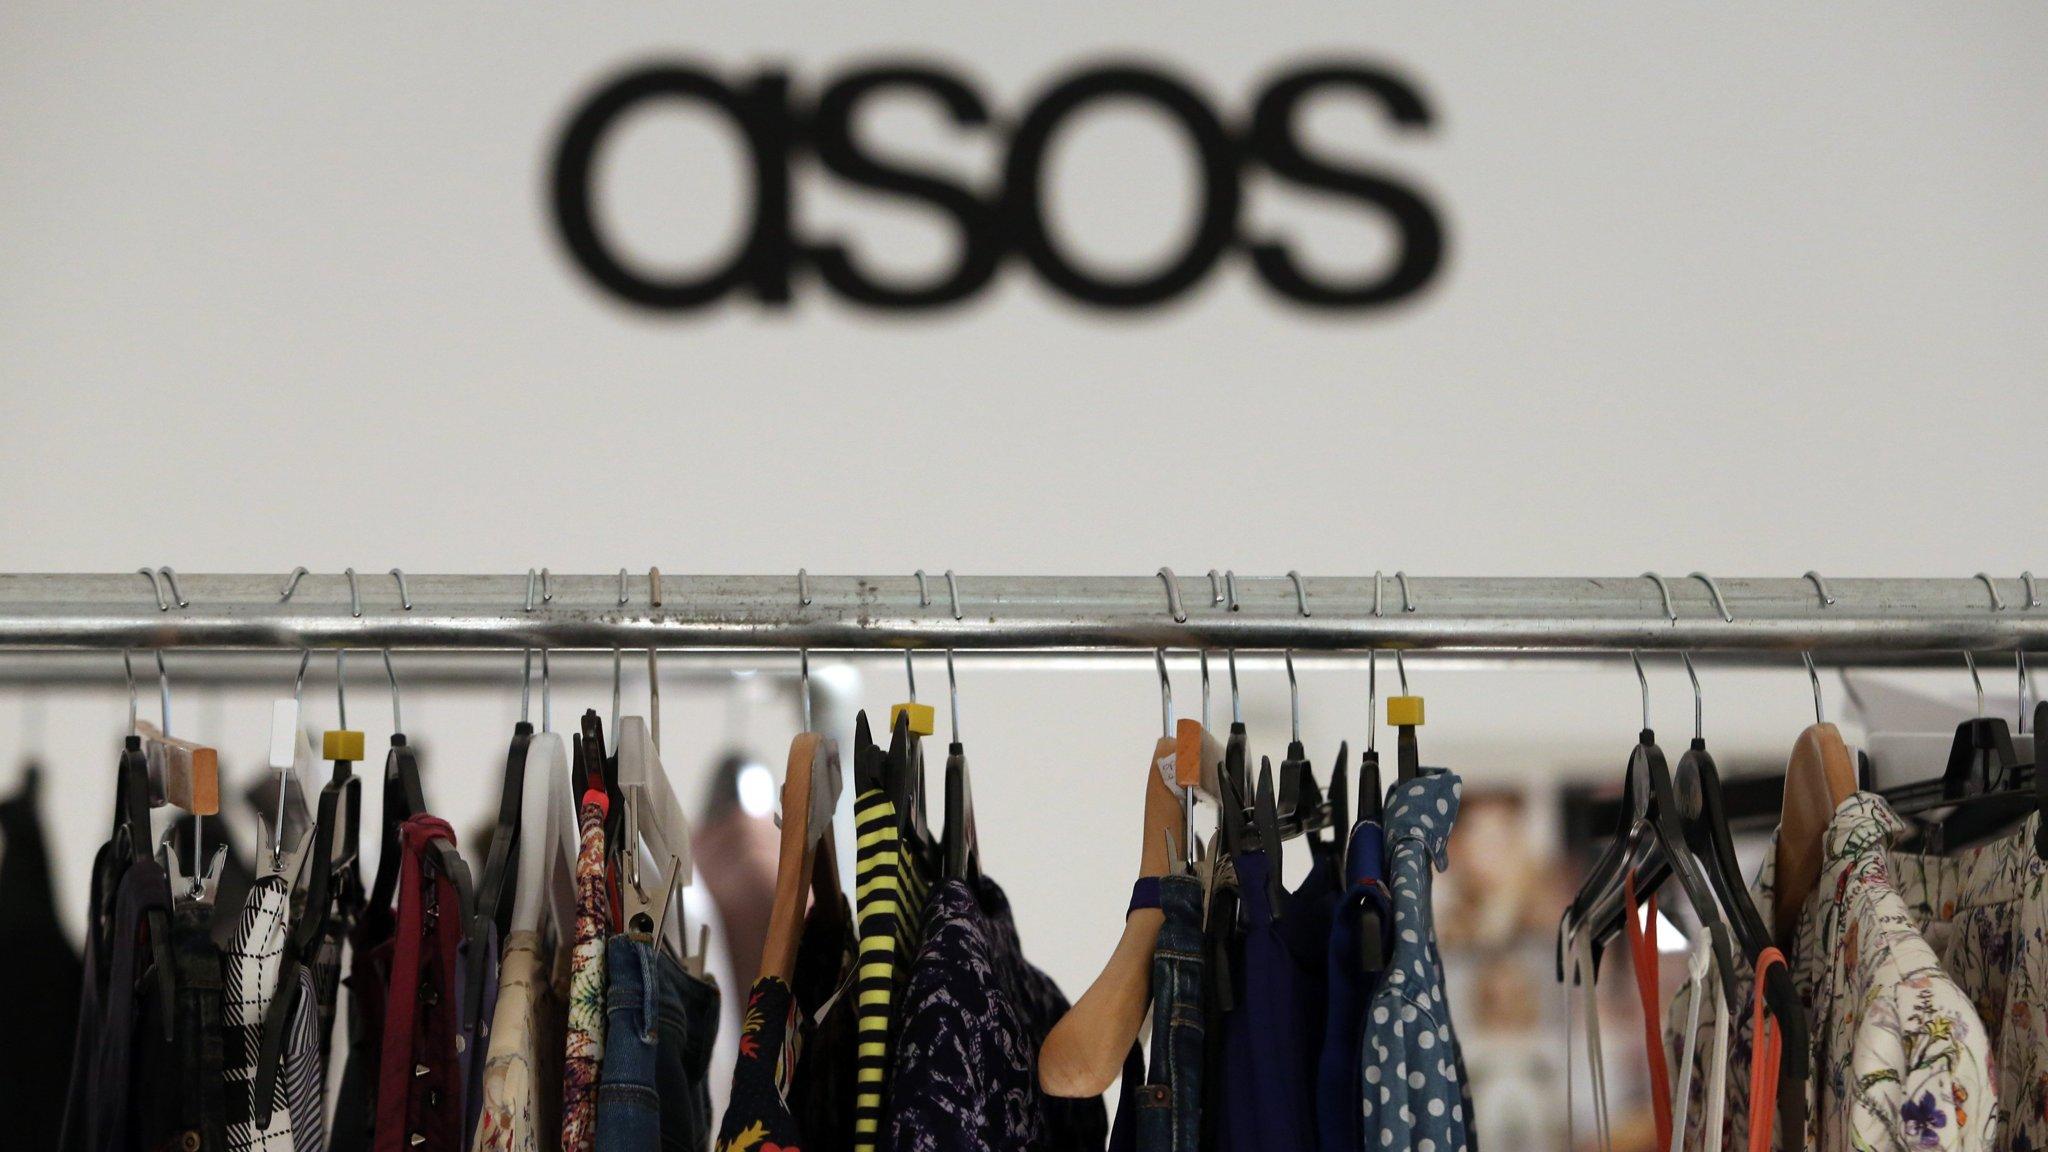 Asos defies retail gloom to post 23% sales jump